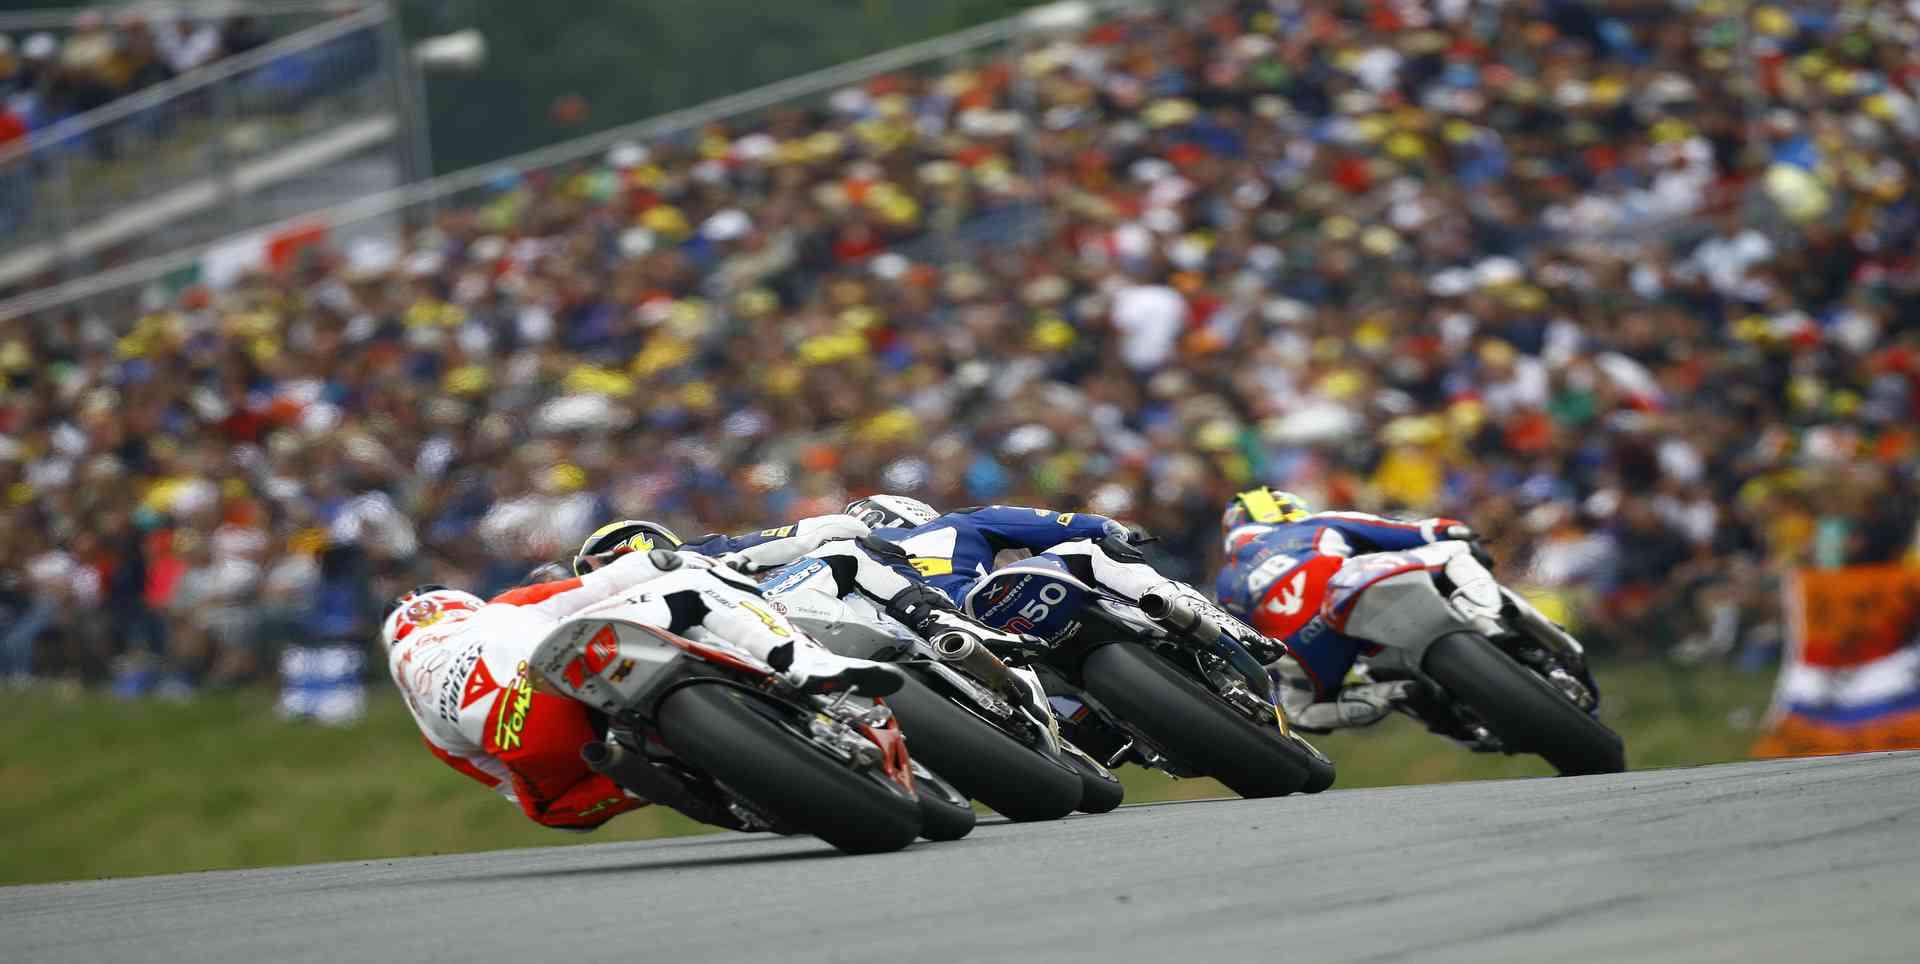 watch-sbk-pirelli-spain-round-live-superbikes-stream